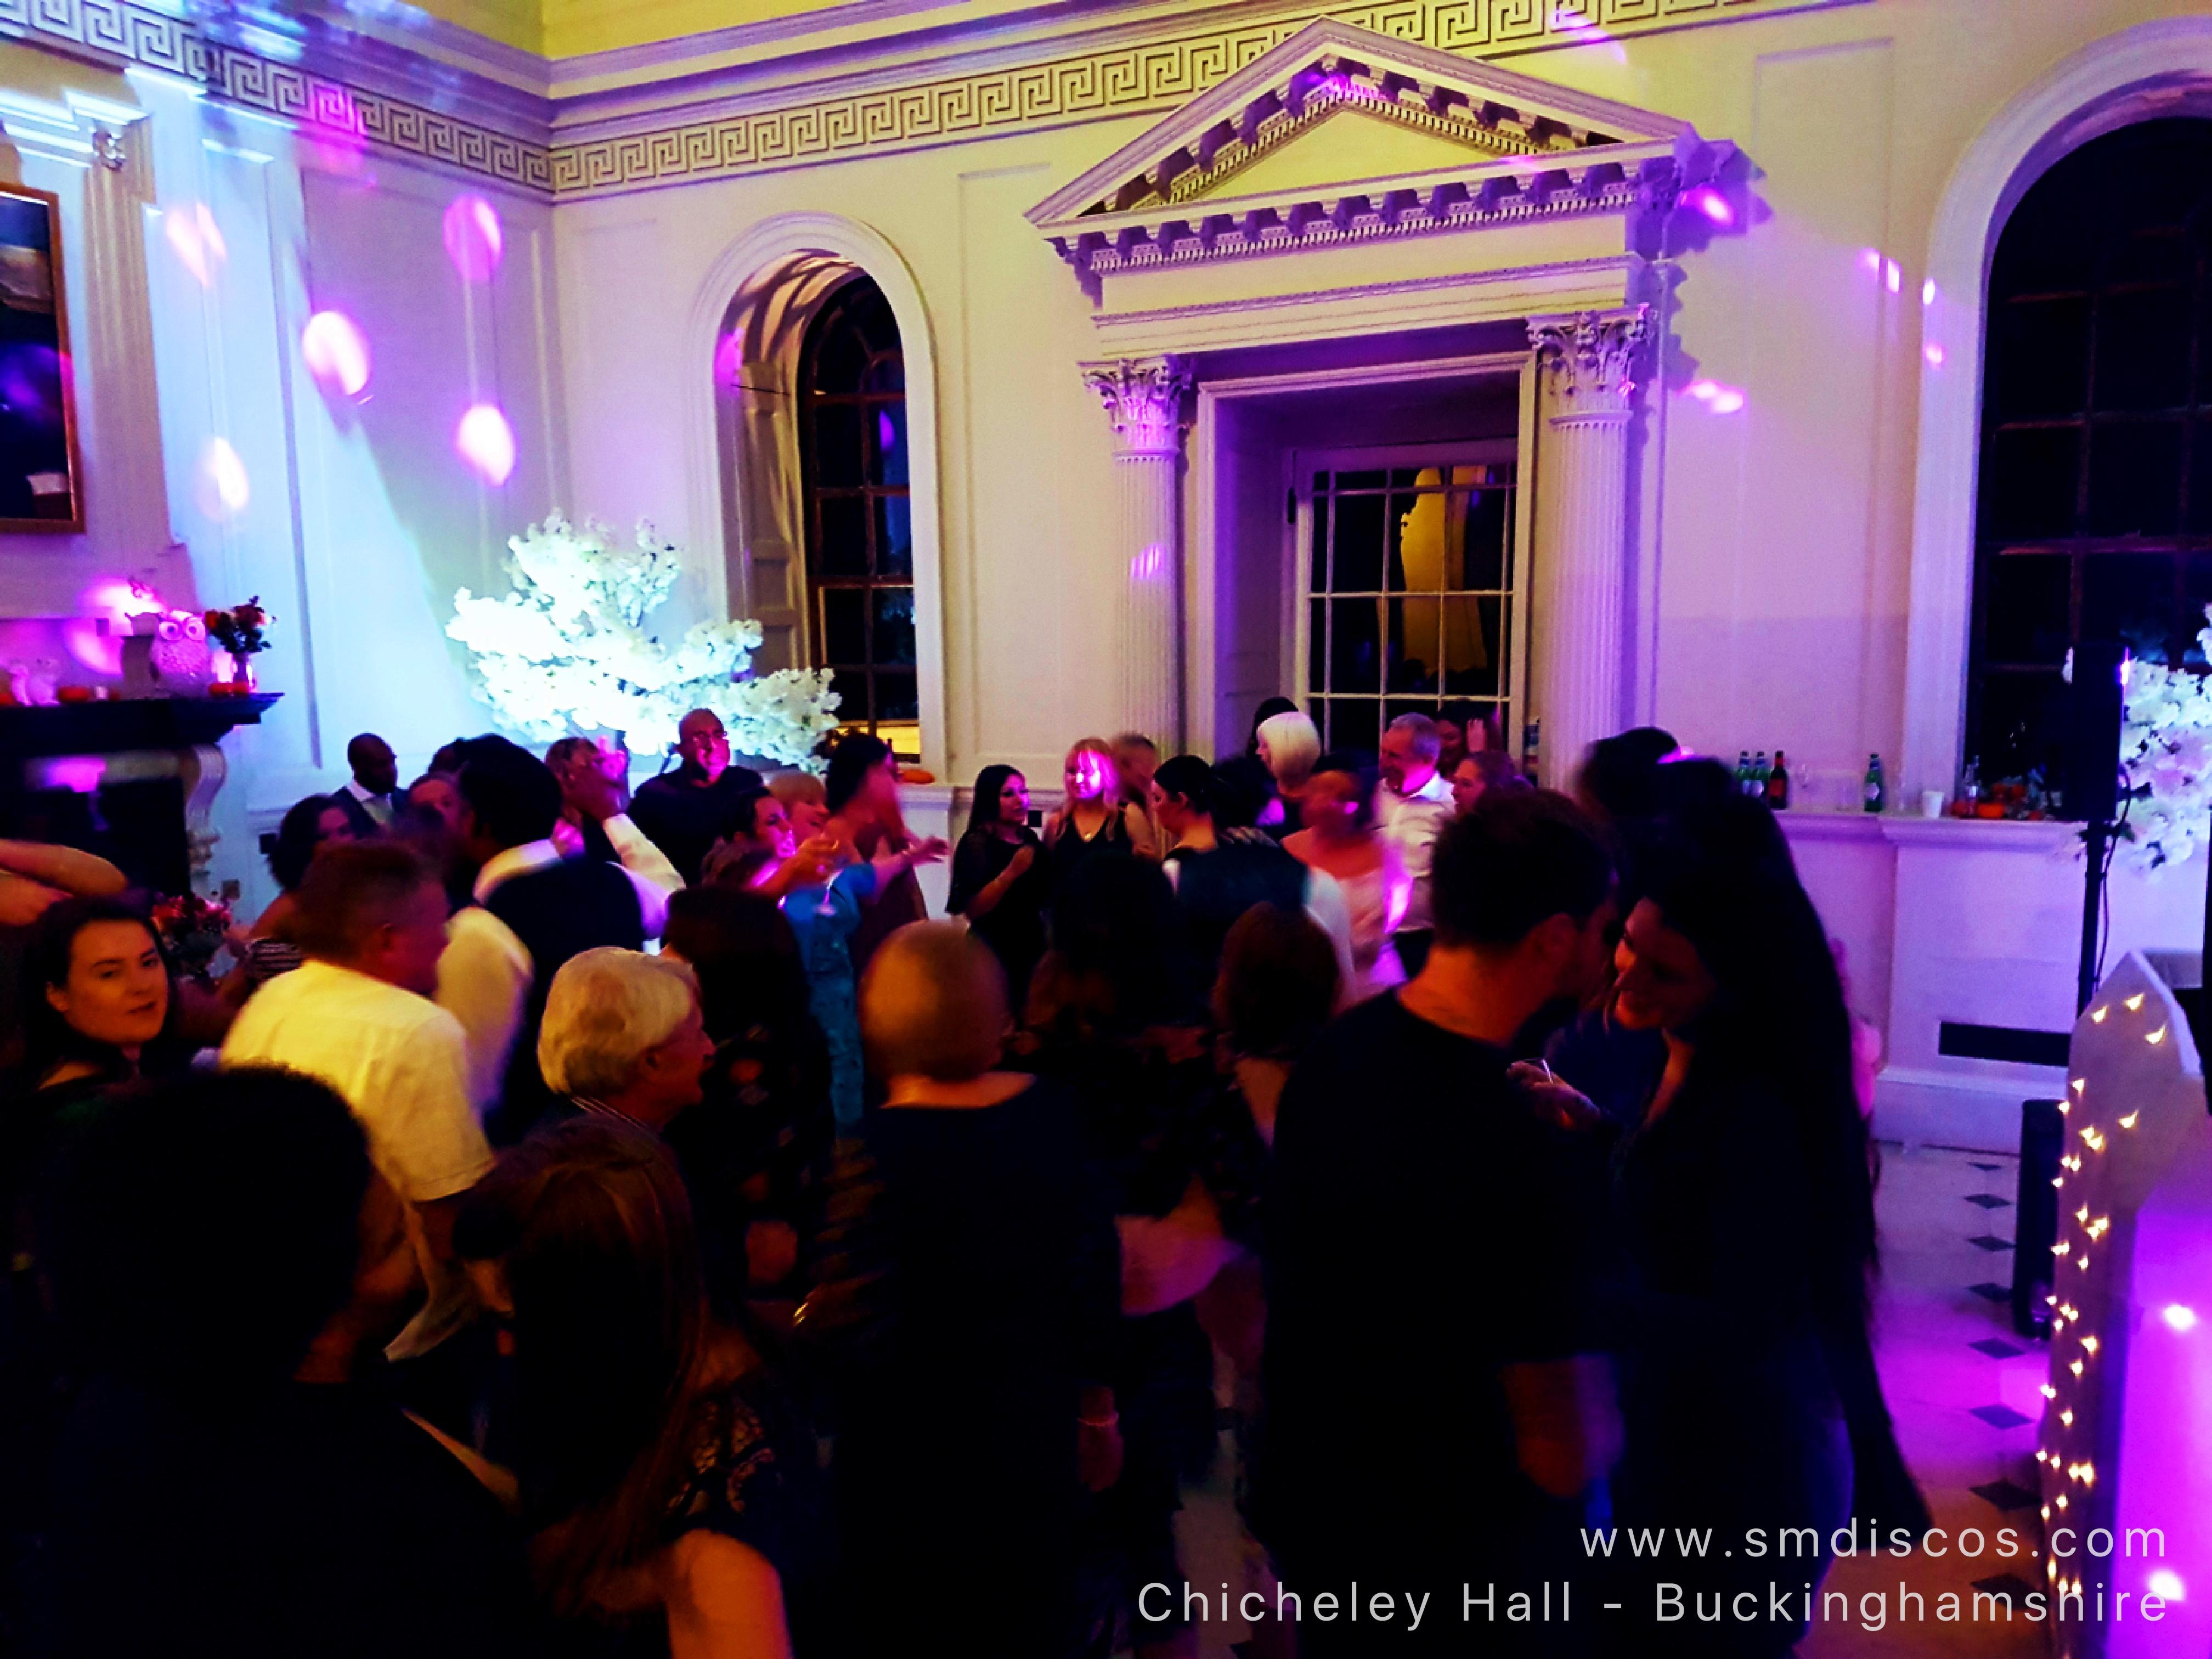 Chicheley Hall Wedding Photo